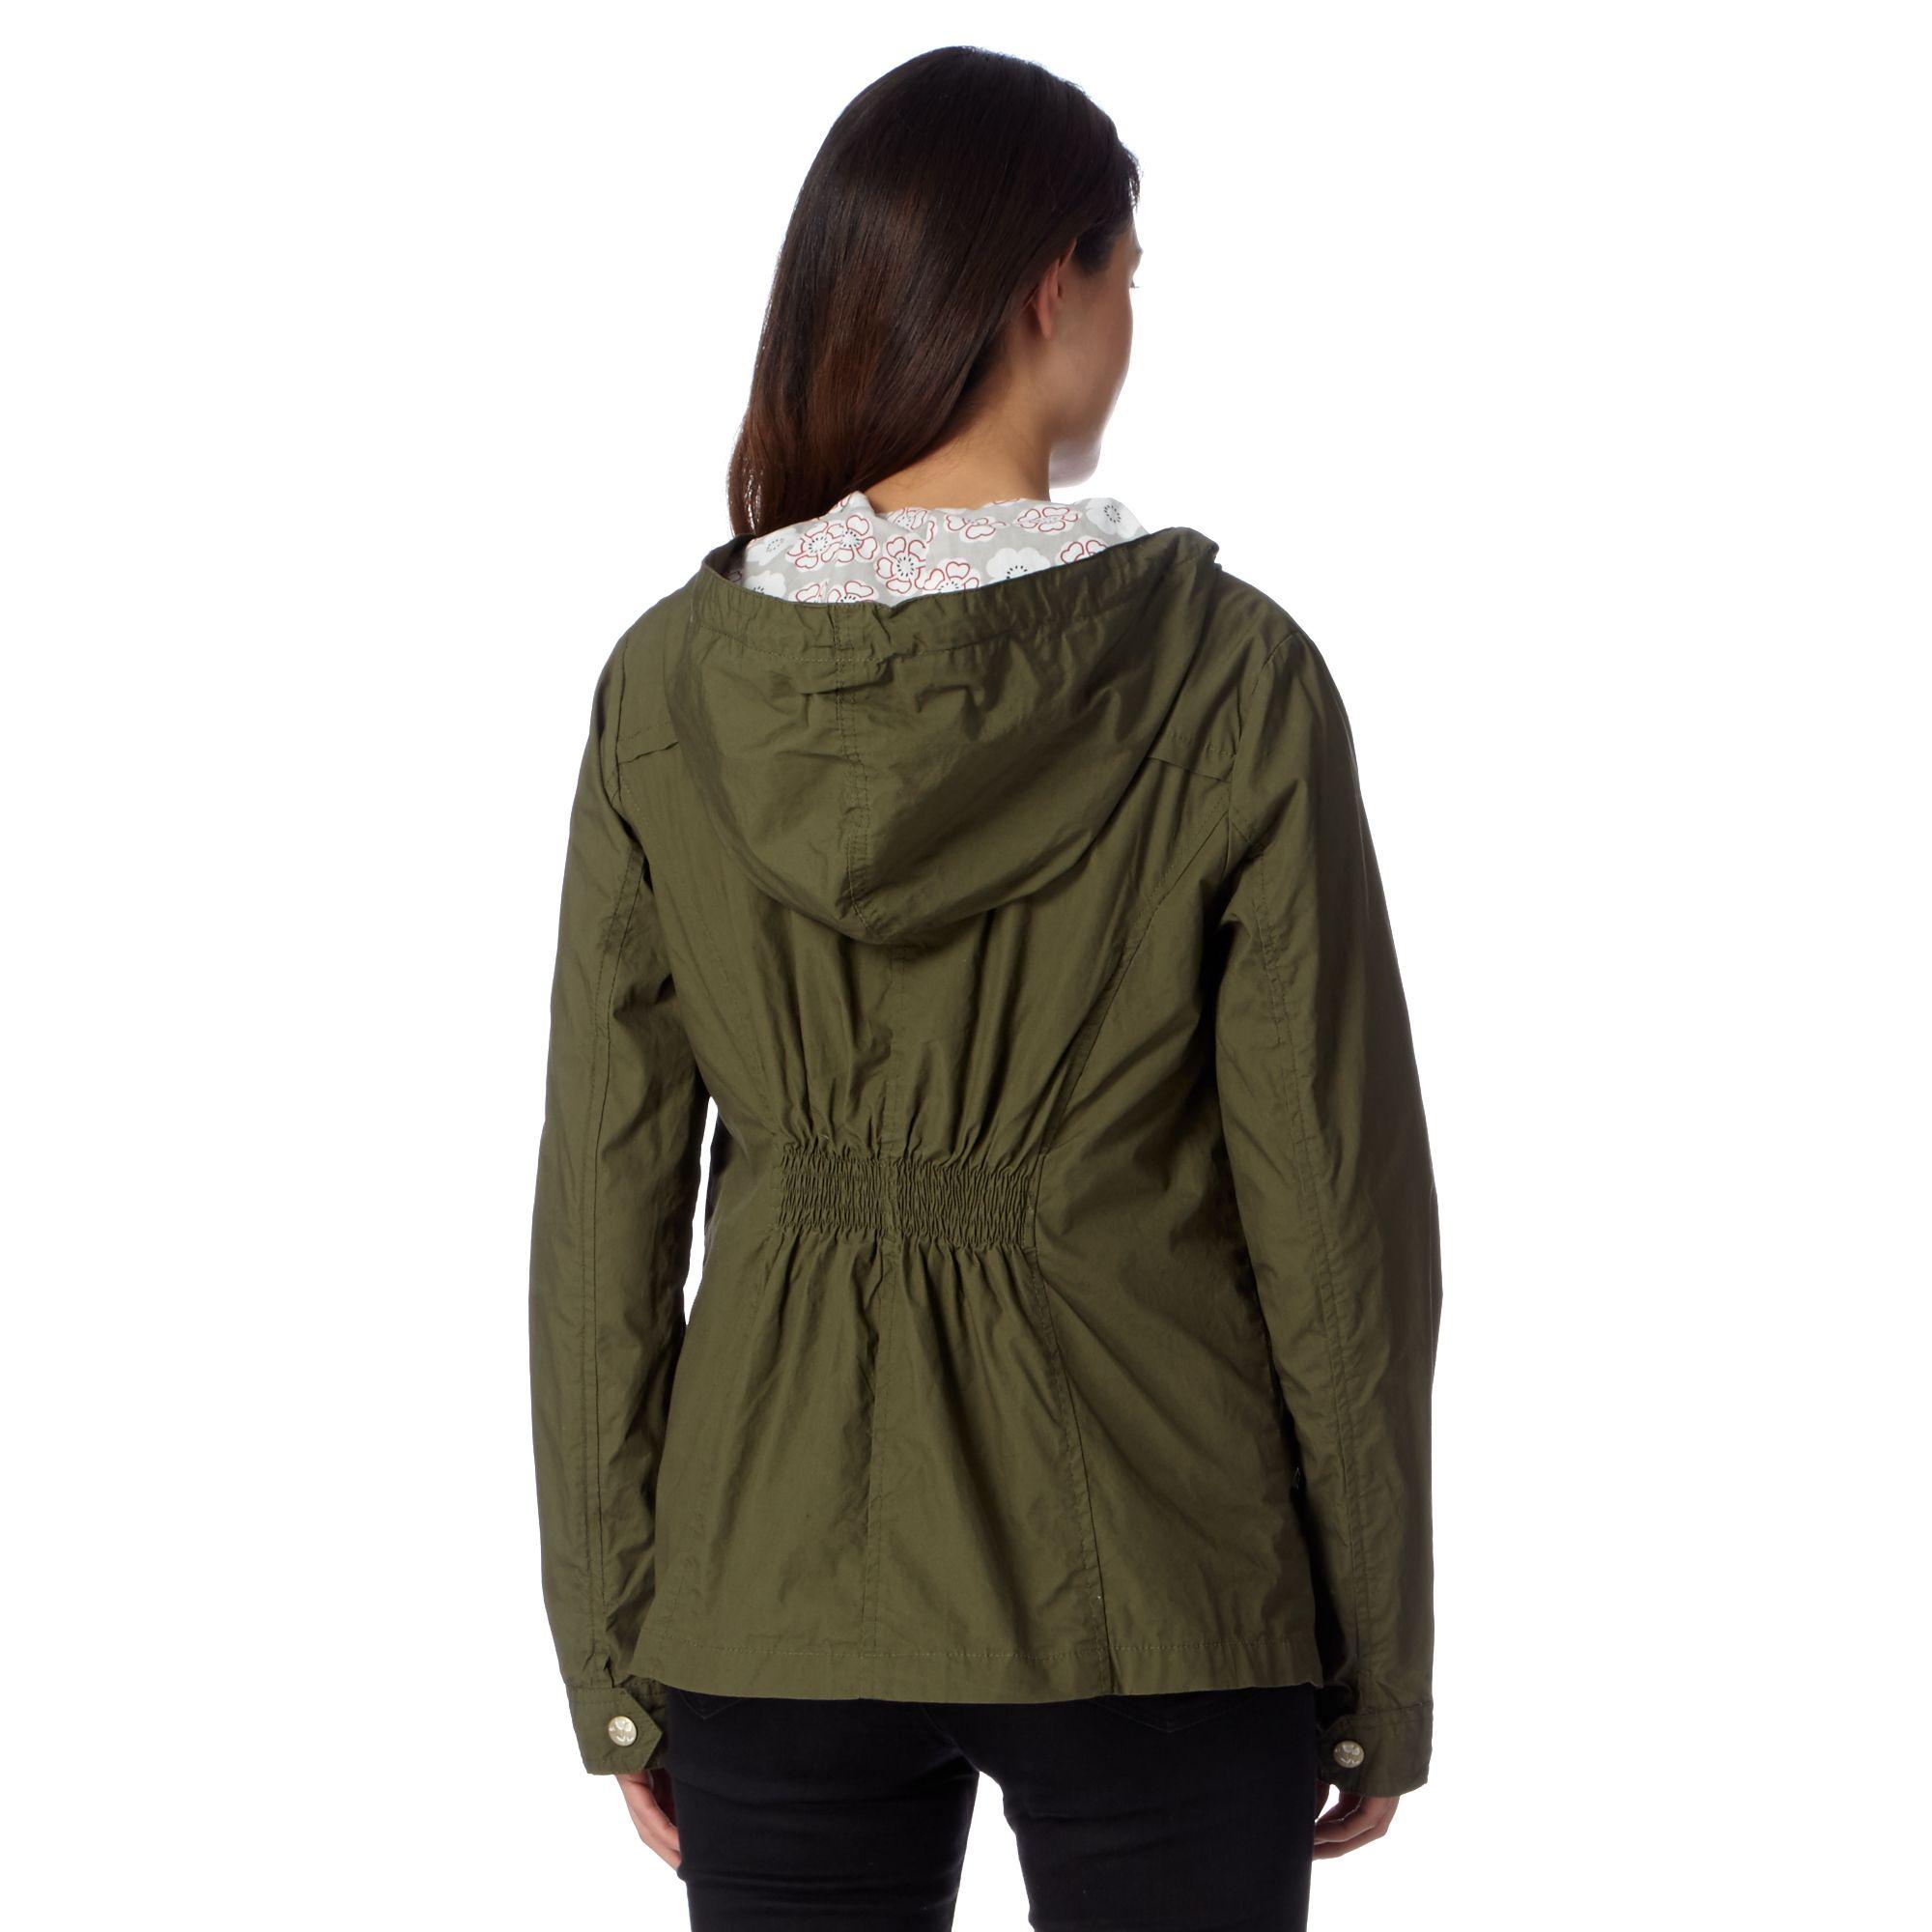 Mantaray Womens Khaki Mac Jacket From Debenhams | EBay